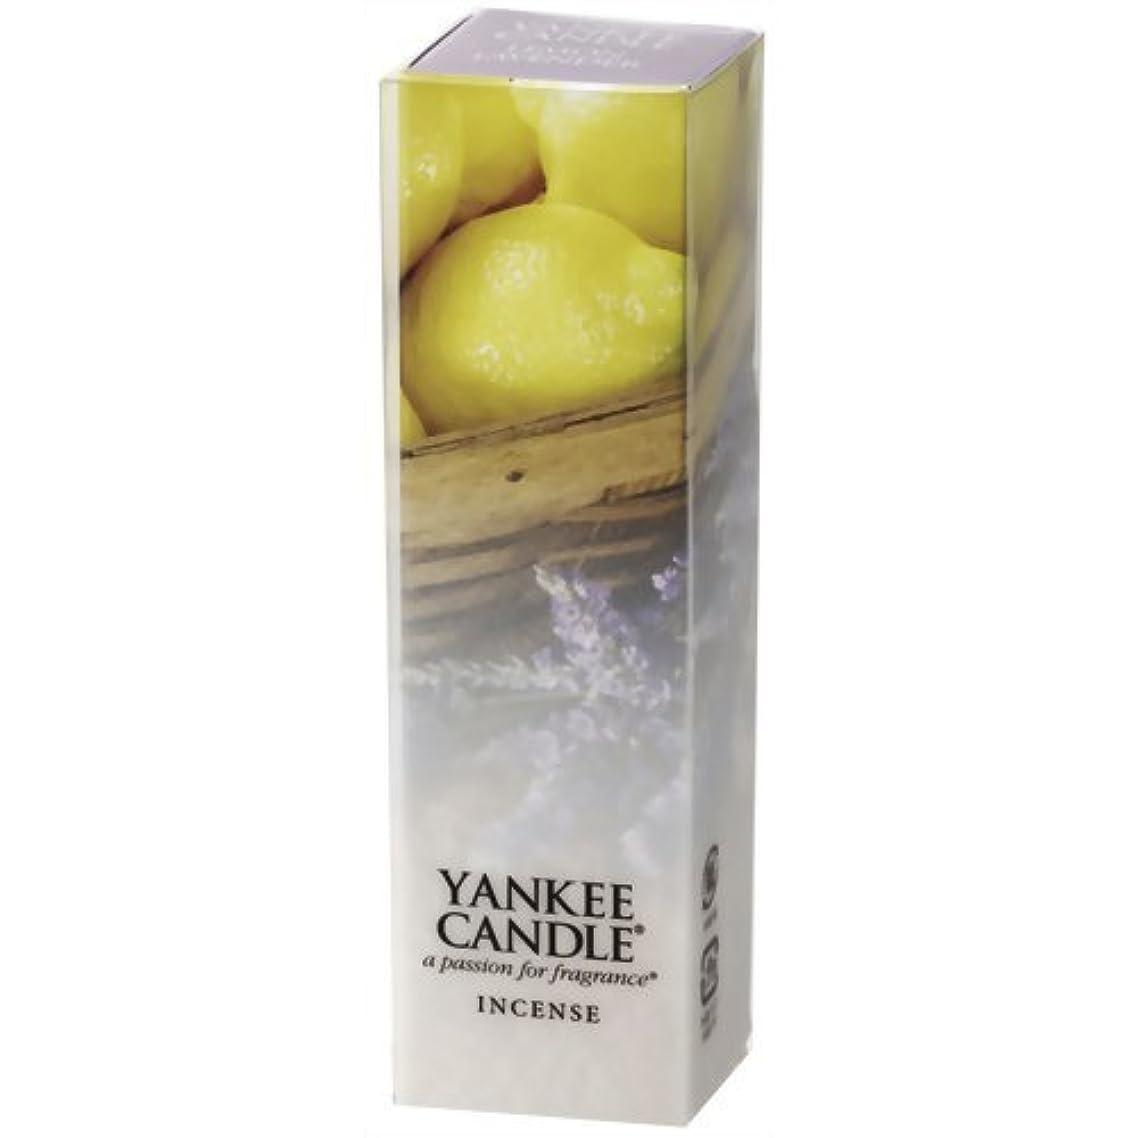 ノベルティ前奏曲ワームYANKEE CANDLE(ヤンキーキャンドル) YCインセンス レモン ラベンダー